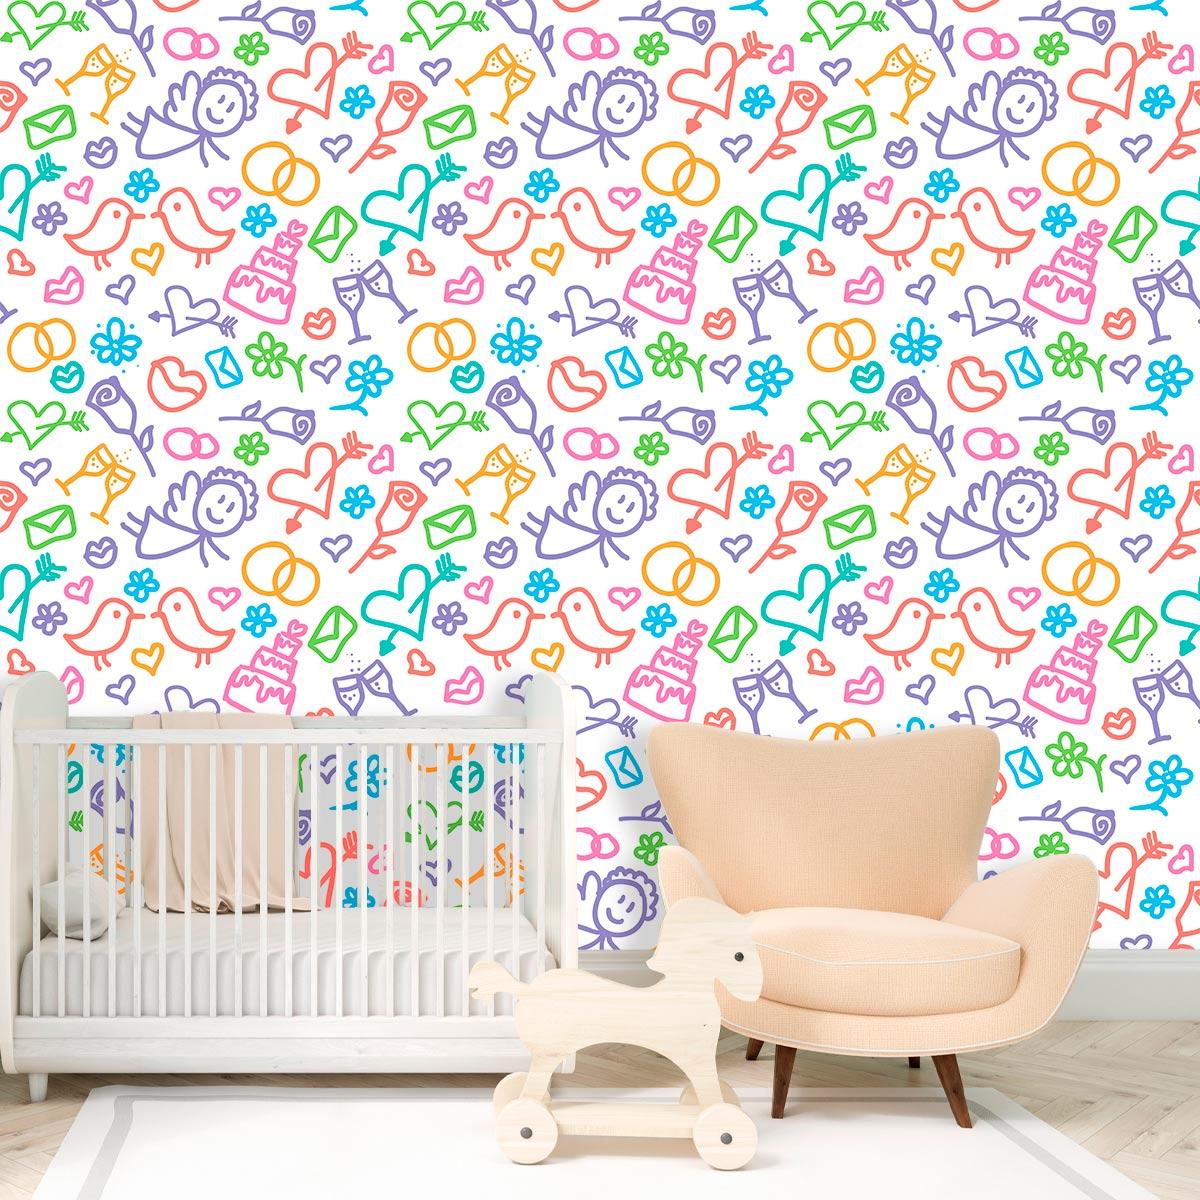 Papel de Parede Desenhos Flores Coração Bolos Infantil Adesivo